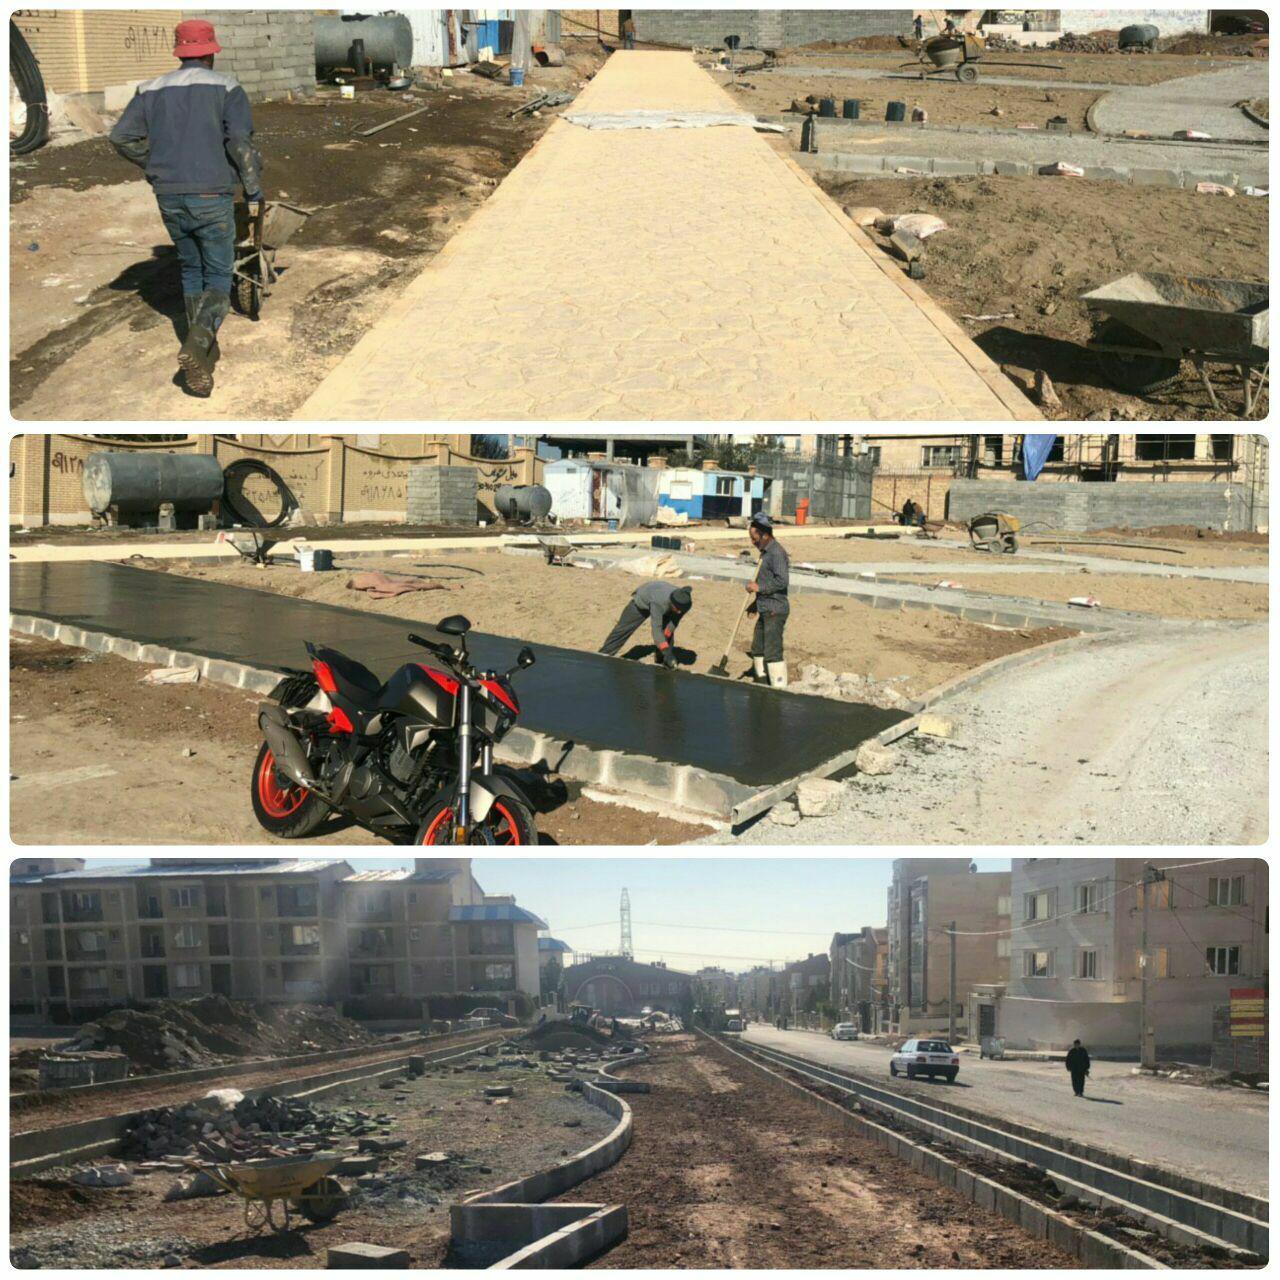 پارک محله ای امید شهر پرند و ۷۰ درصد پیشرفت فیزکی این پروژه